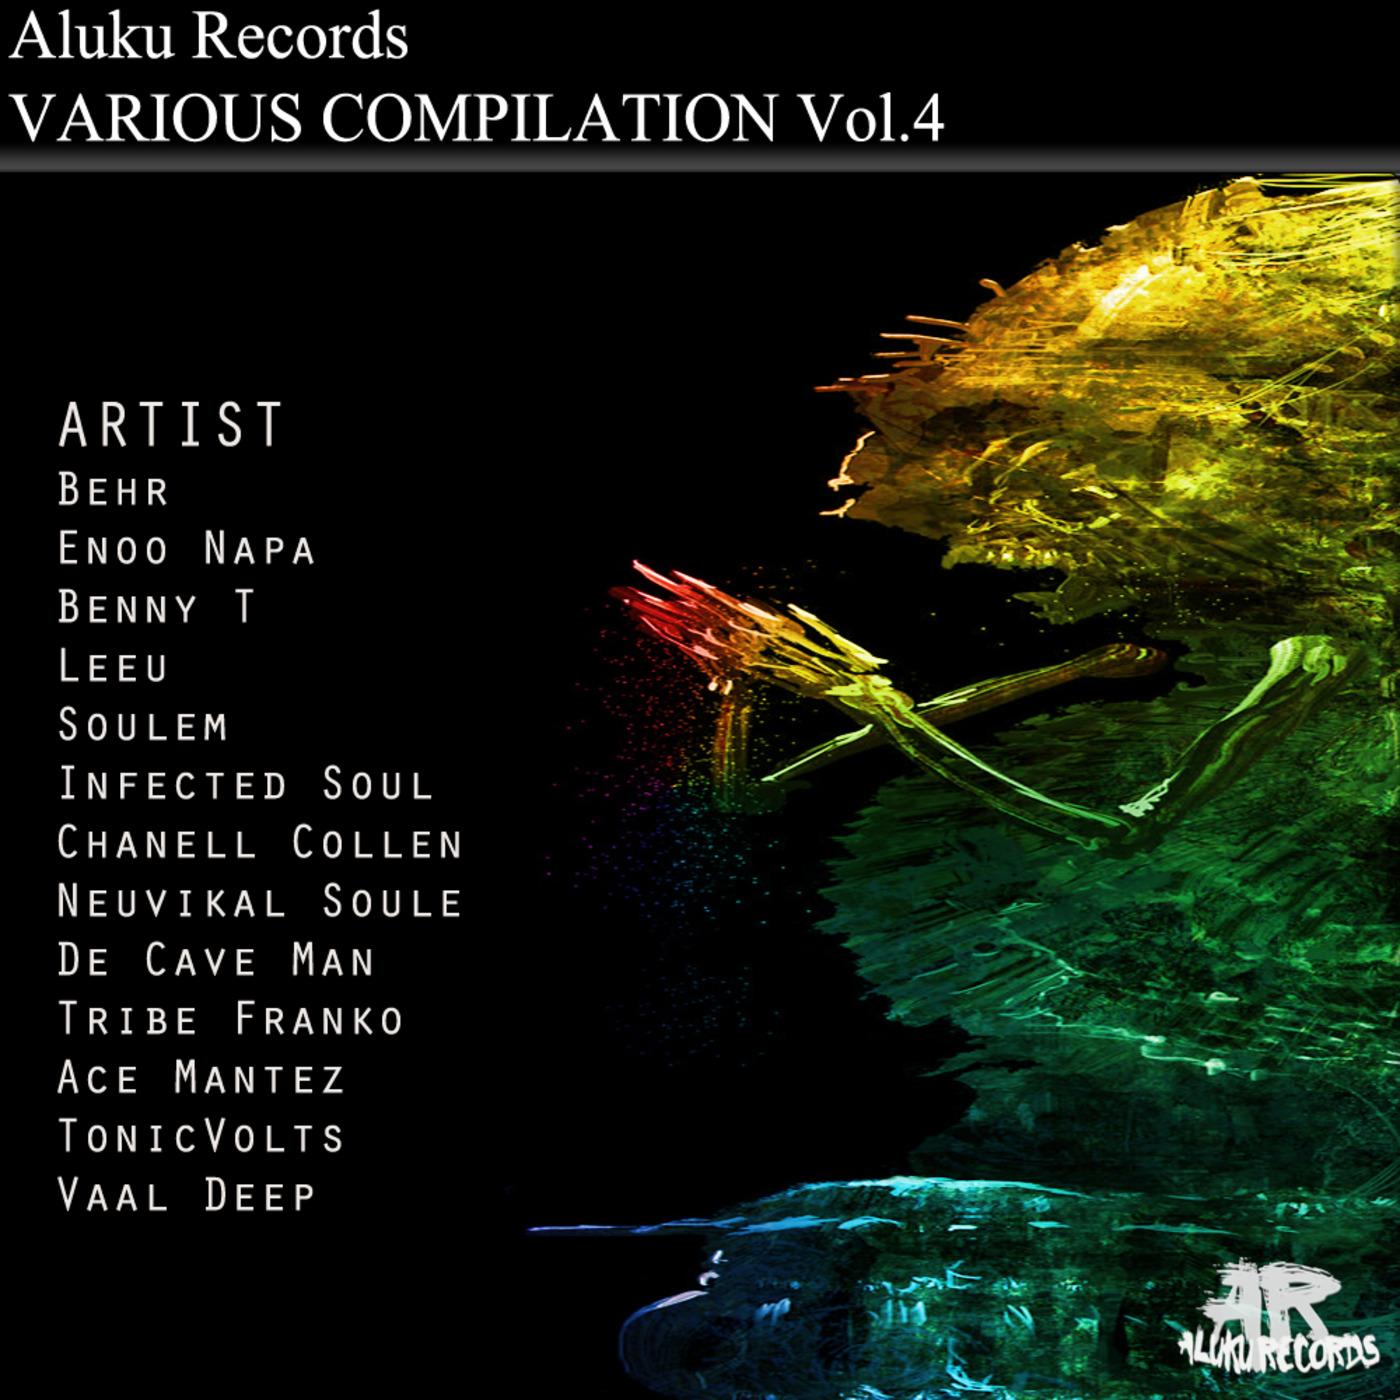 Aluku Records Various pilation Vol4 Promo Mix By Aluku Rebels